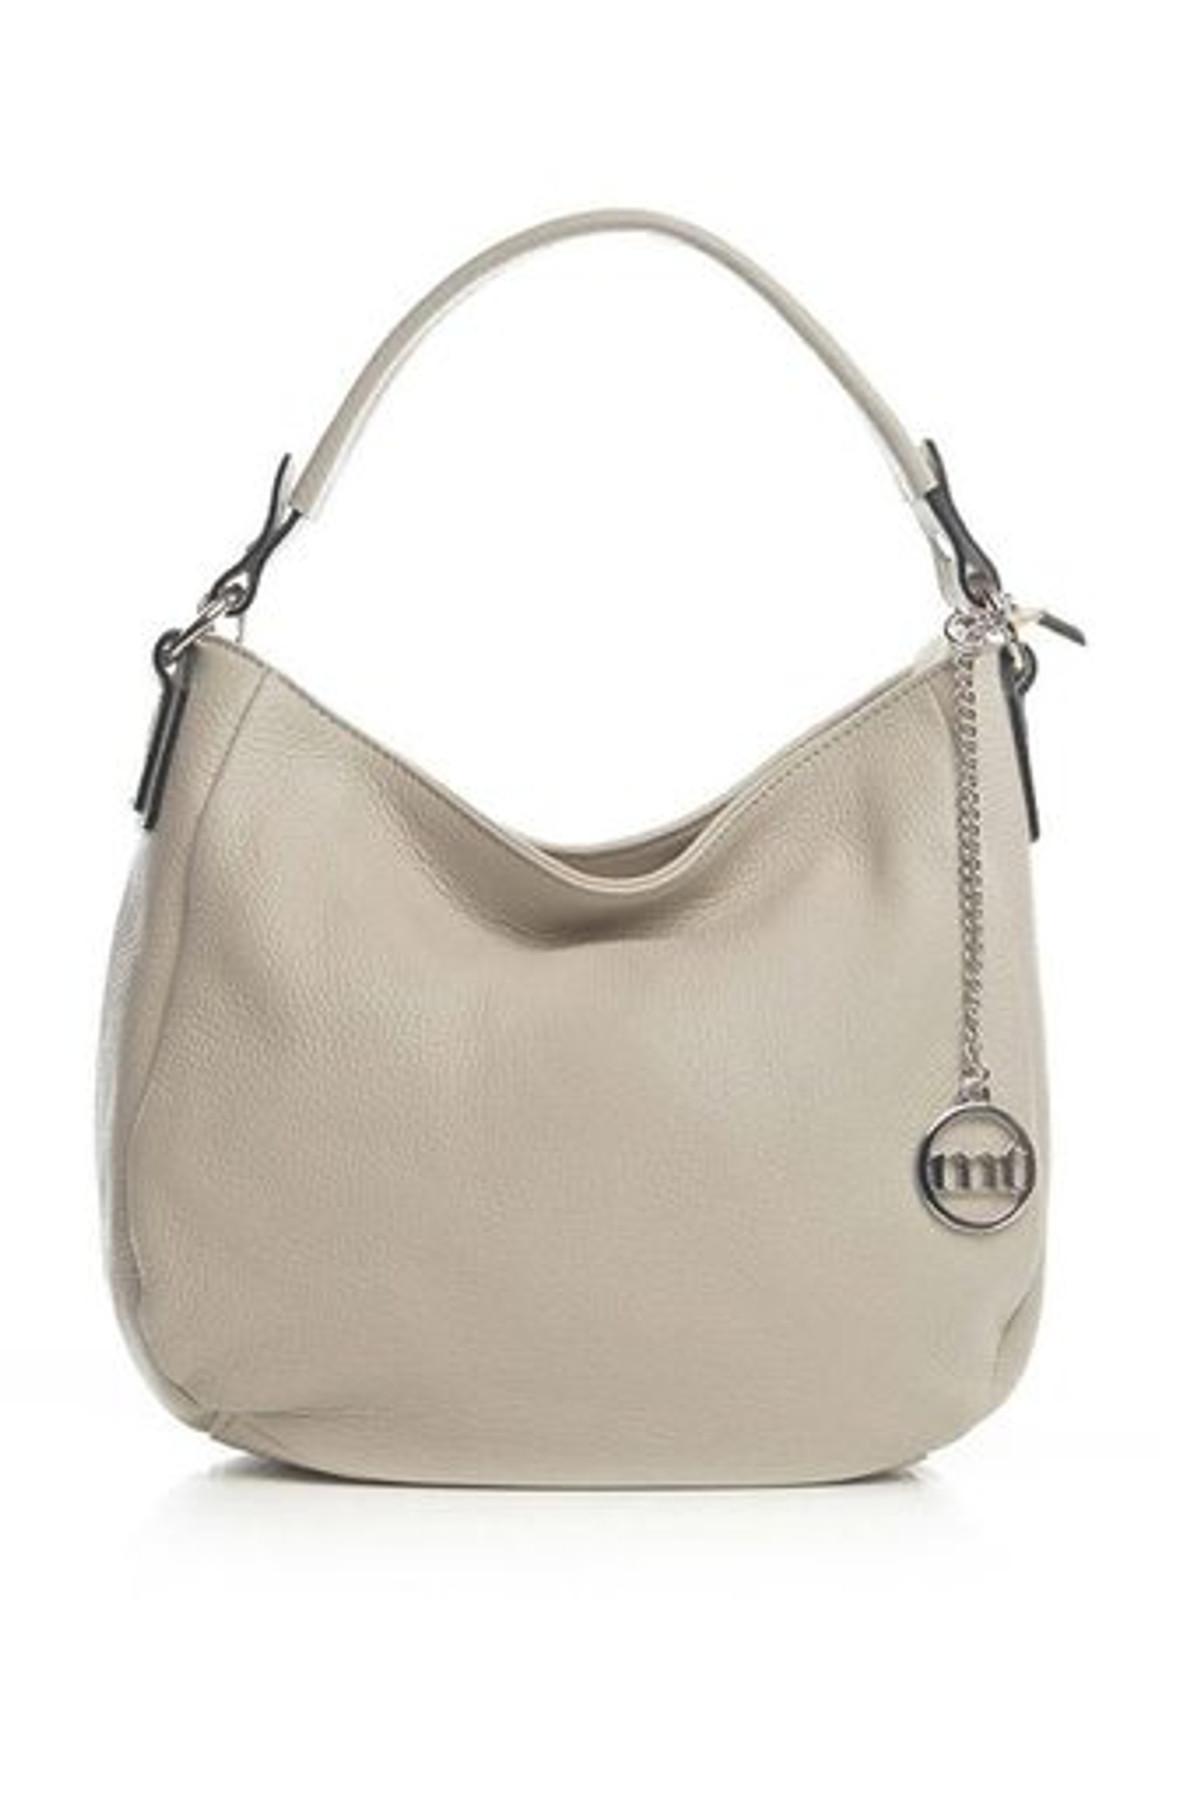 Mia Tomazzi Italian Made Leather Bag WB113222